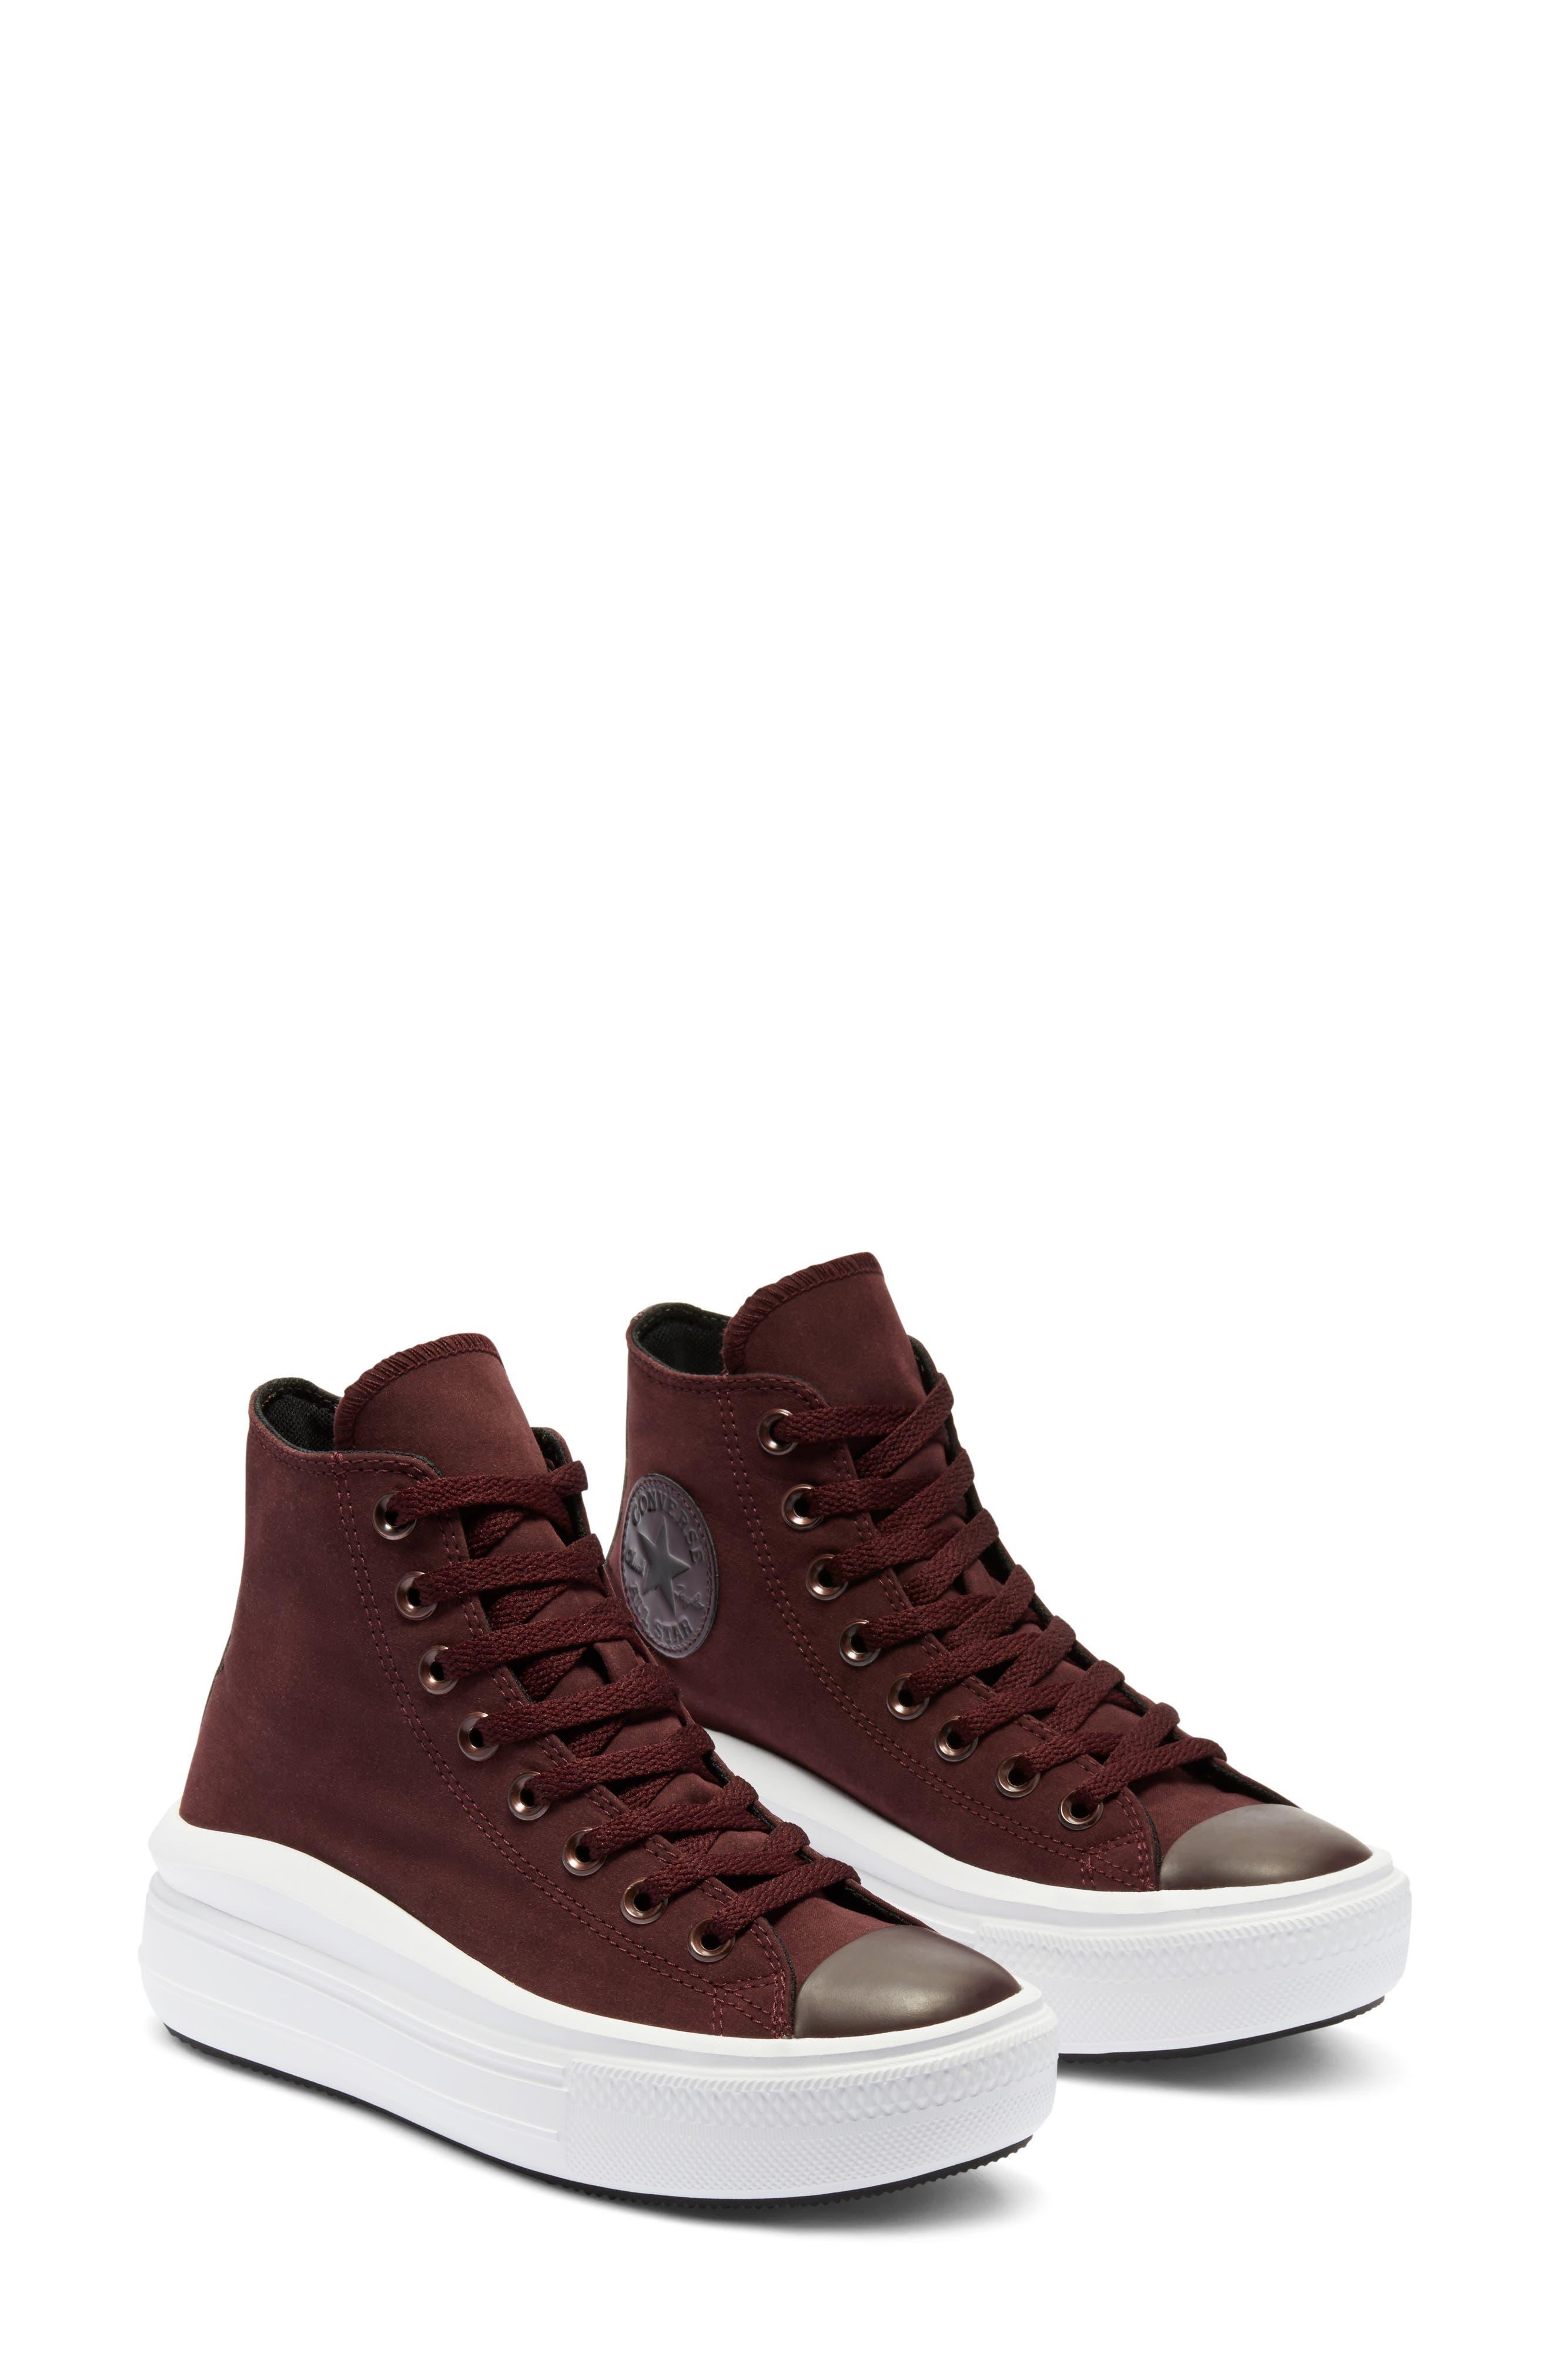 Sneakers Sale \u0026 Clearance   Nordstrom